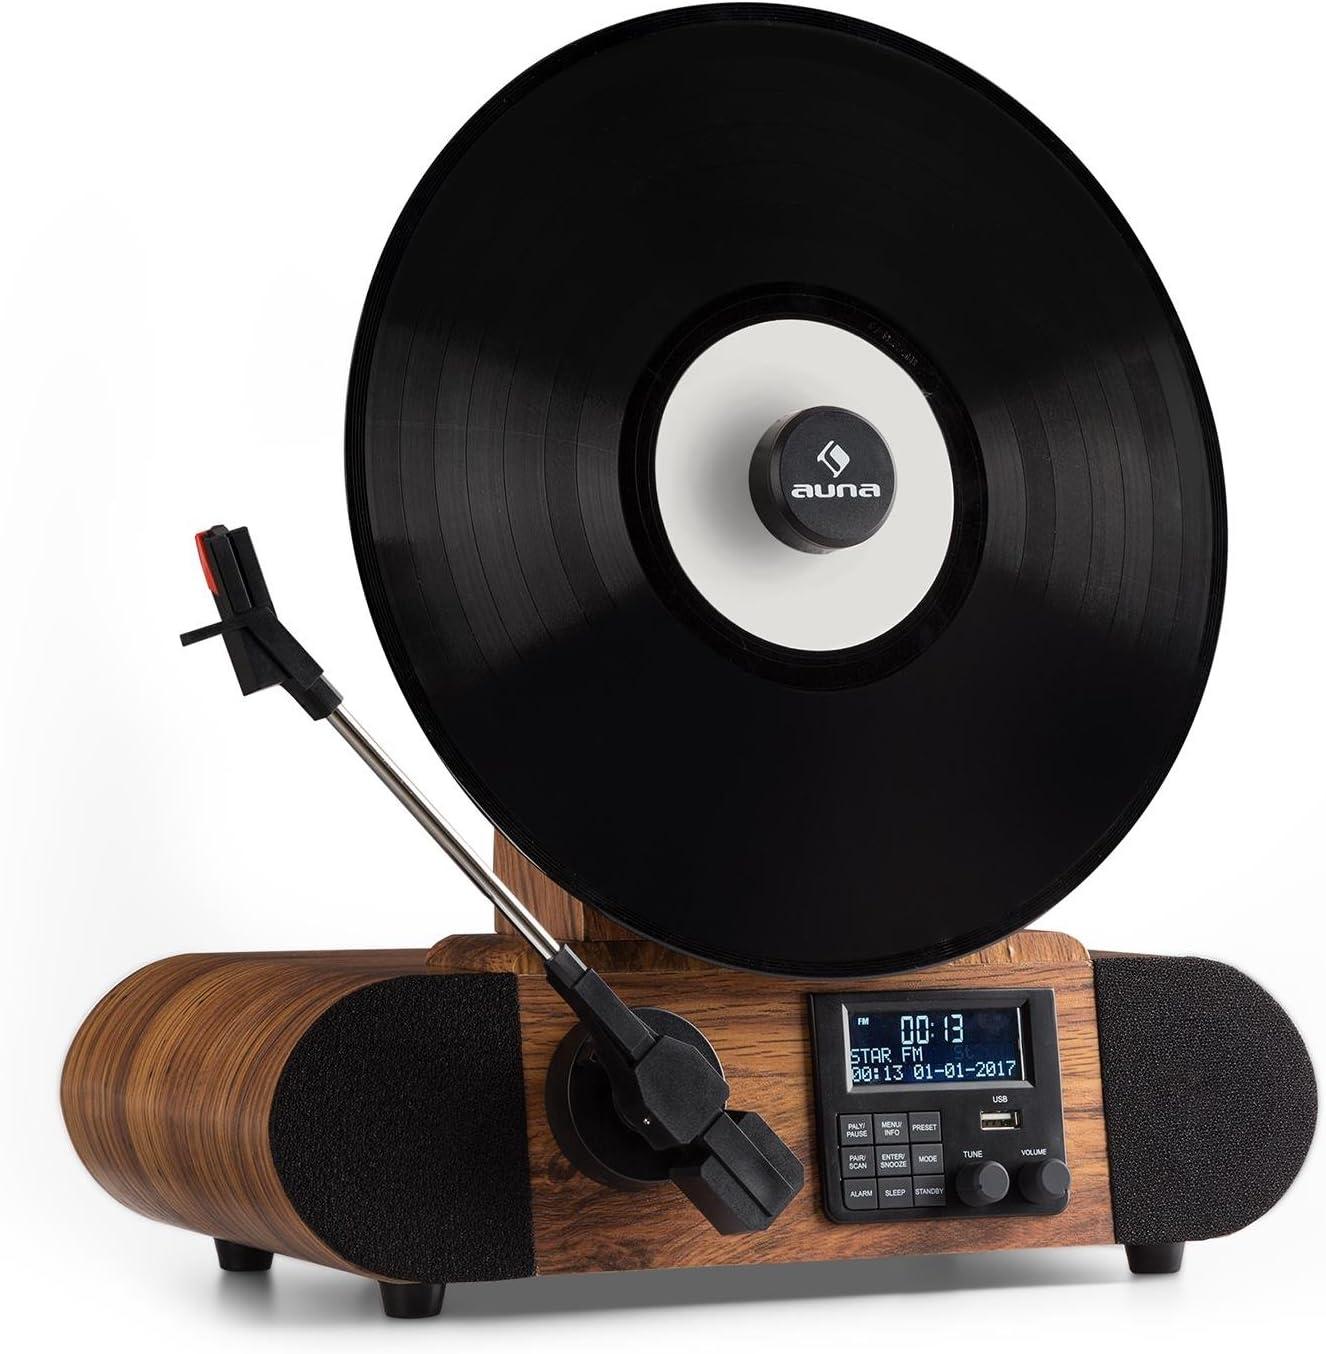 auna Verticalo Dab - Tocadiscos Vintage, Diseño Retro, Dab +, Sintonizador FM, USB, Bluetooth, AUX, Puck magnético, Despertador, Temporizador